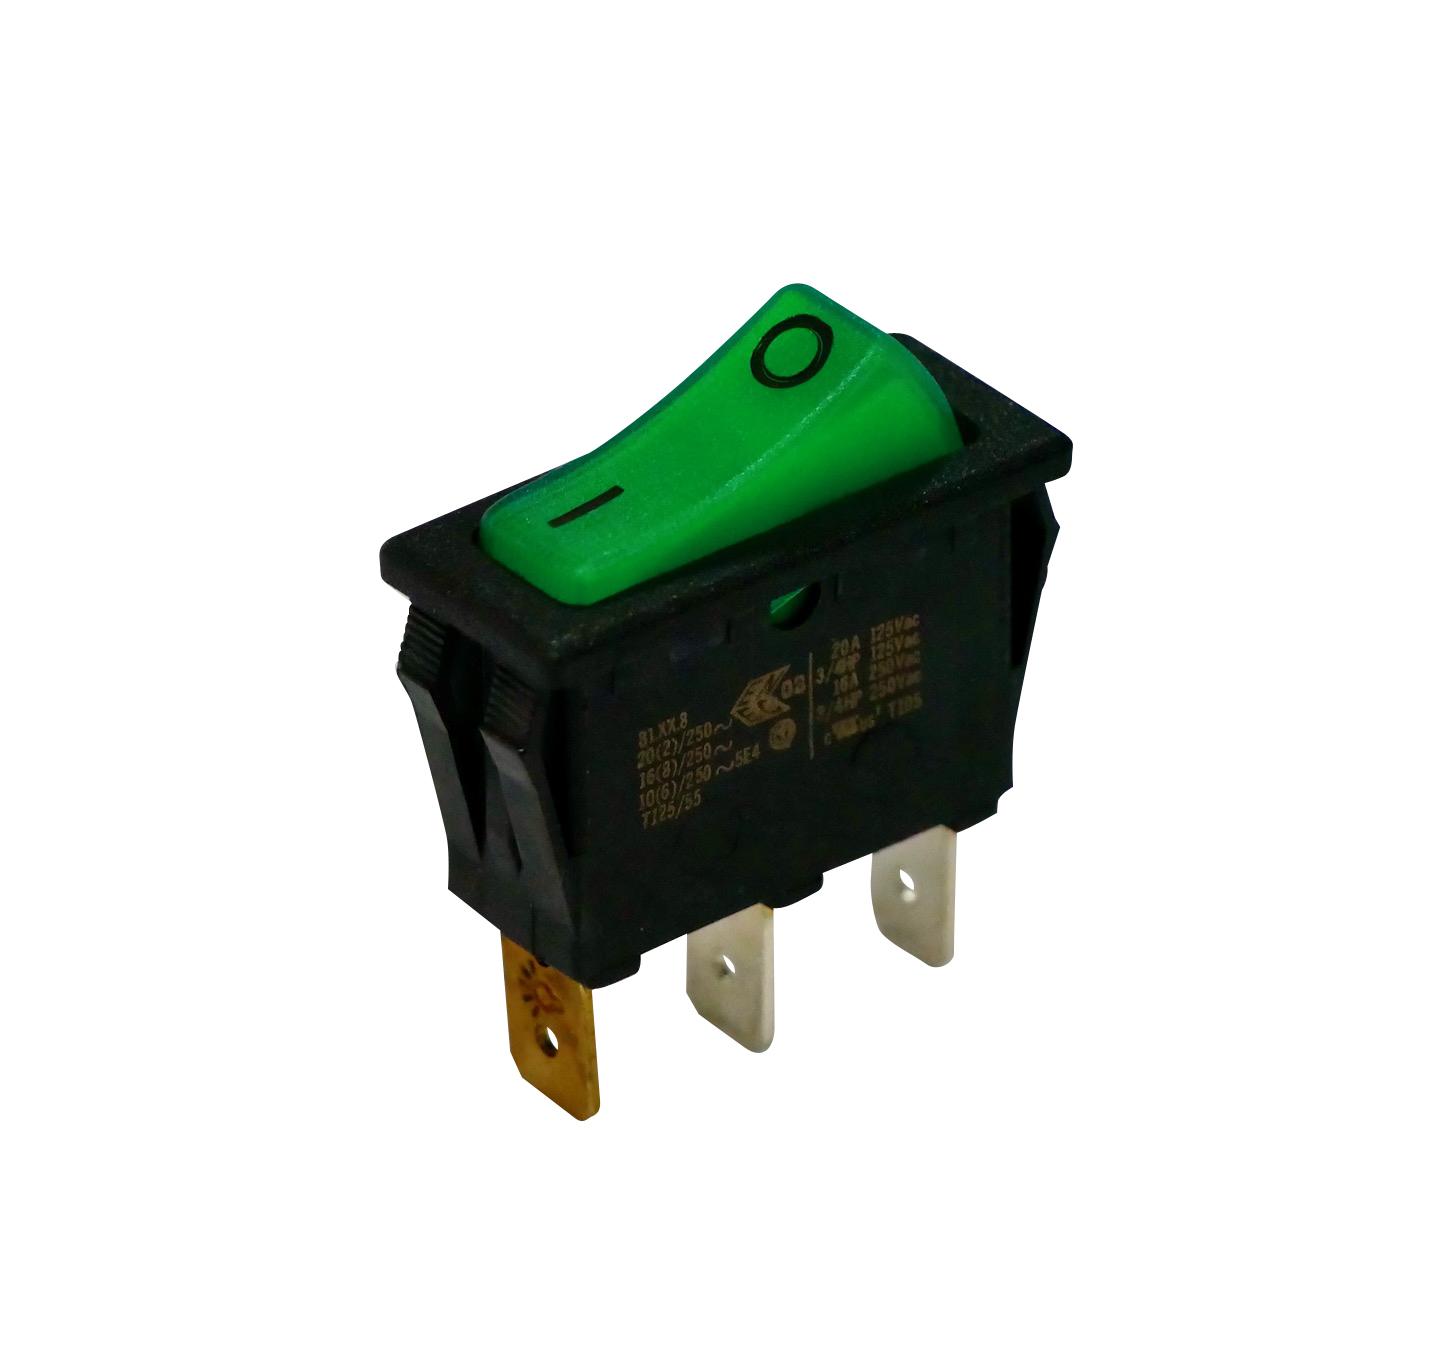 Interrupteur rectangulaire vert lumineux unipolaire 250V